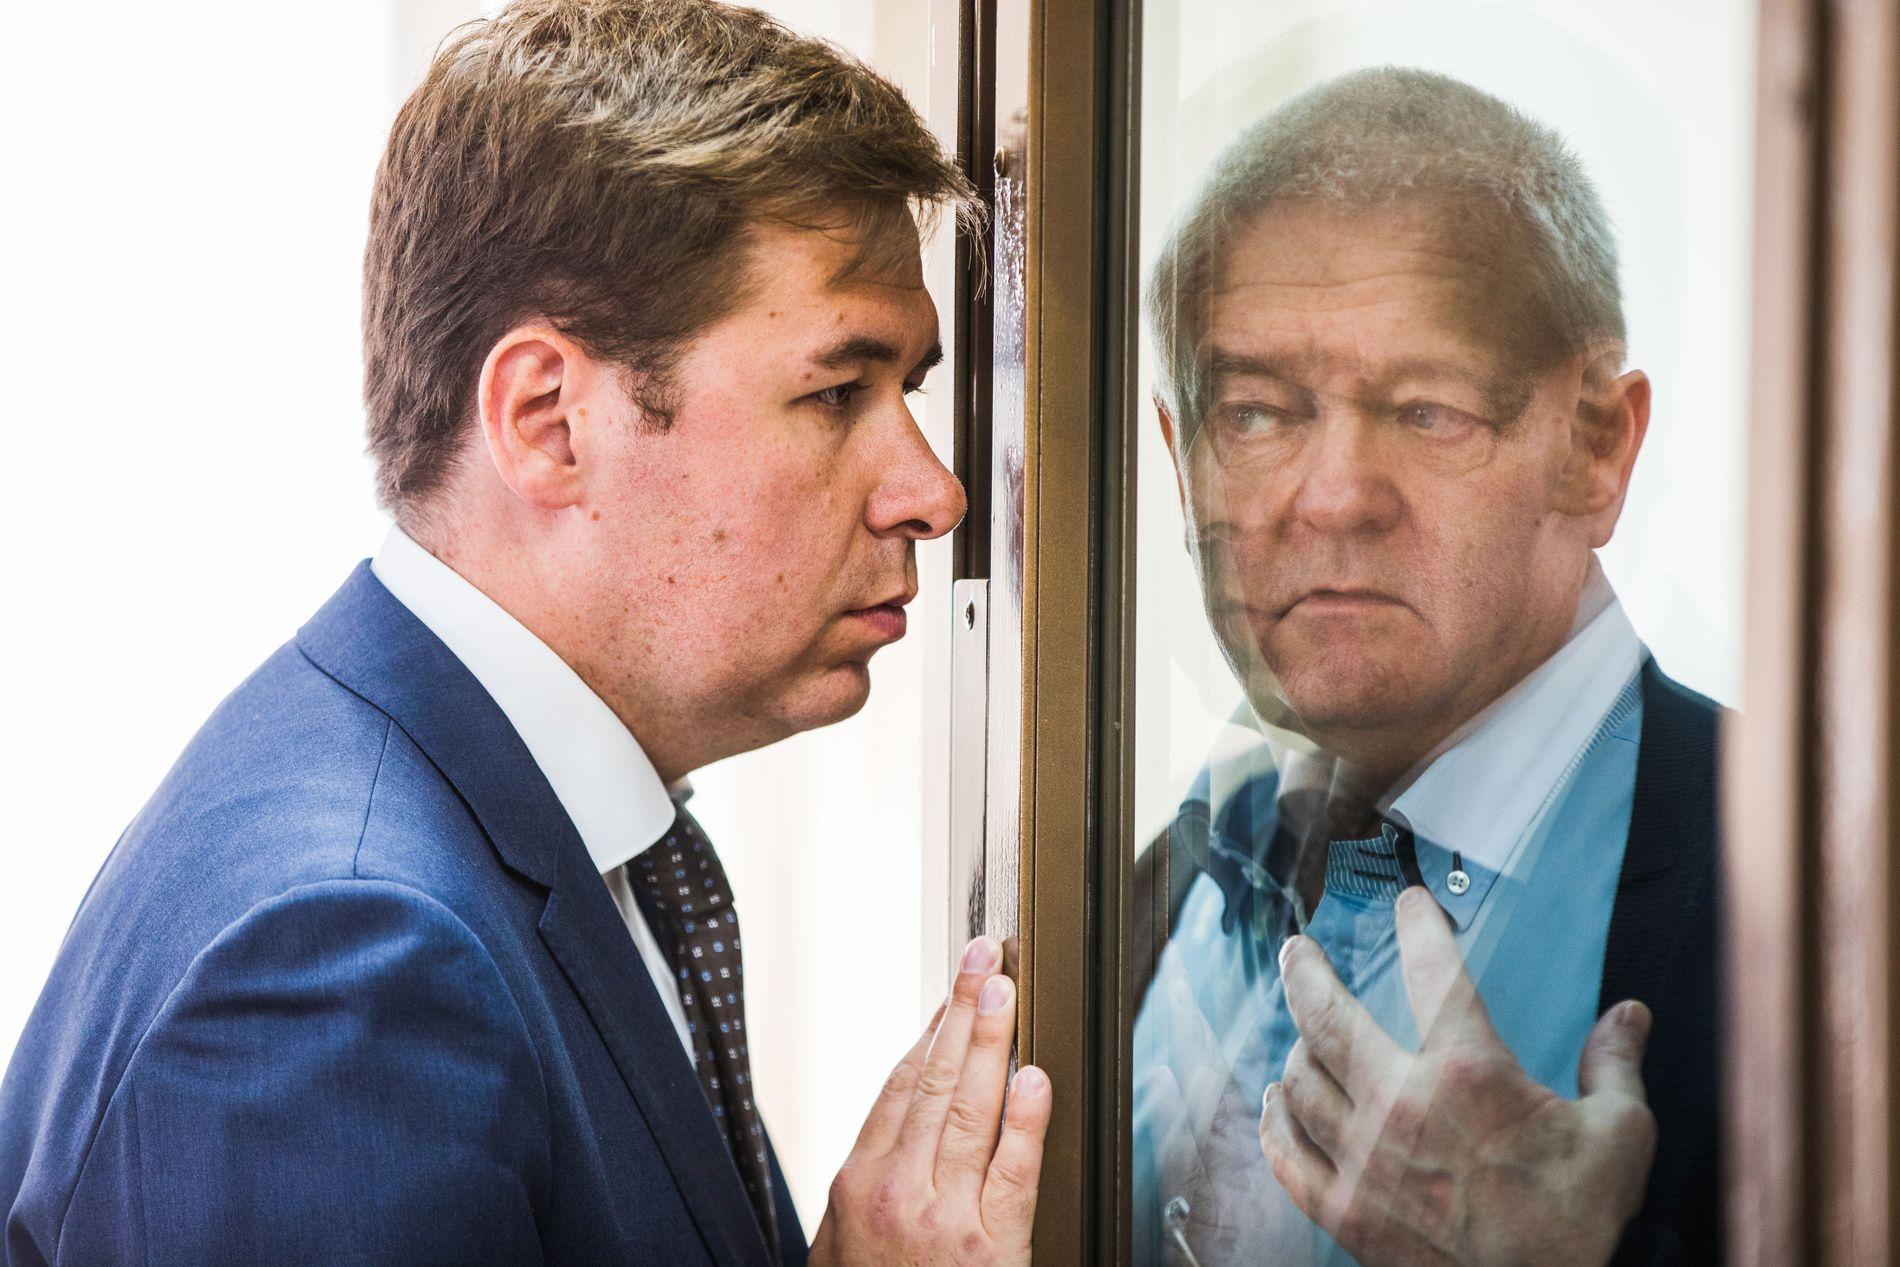 FENGSLET: Frode bergs russiske advokat, Ilja Novikov, snakker med klienten sin i retten i Moskva.